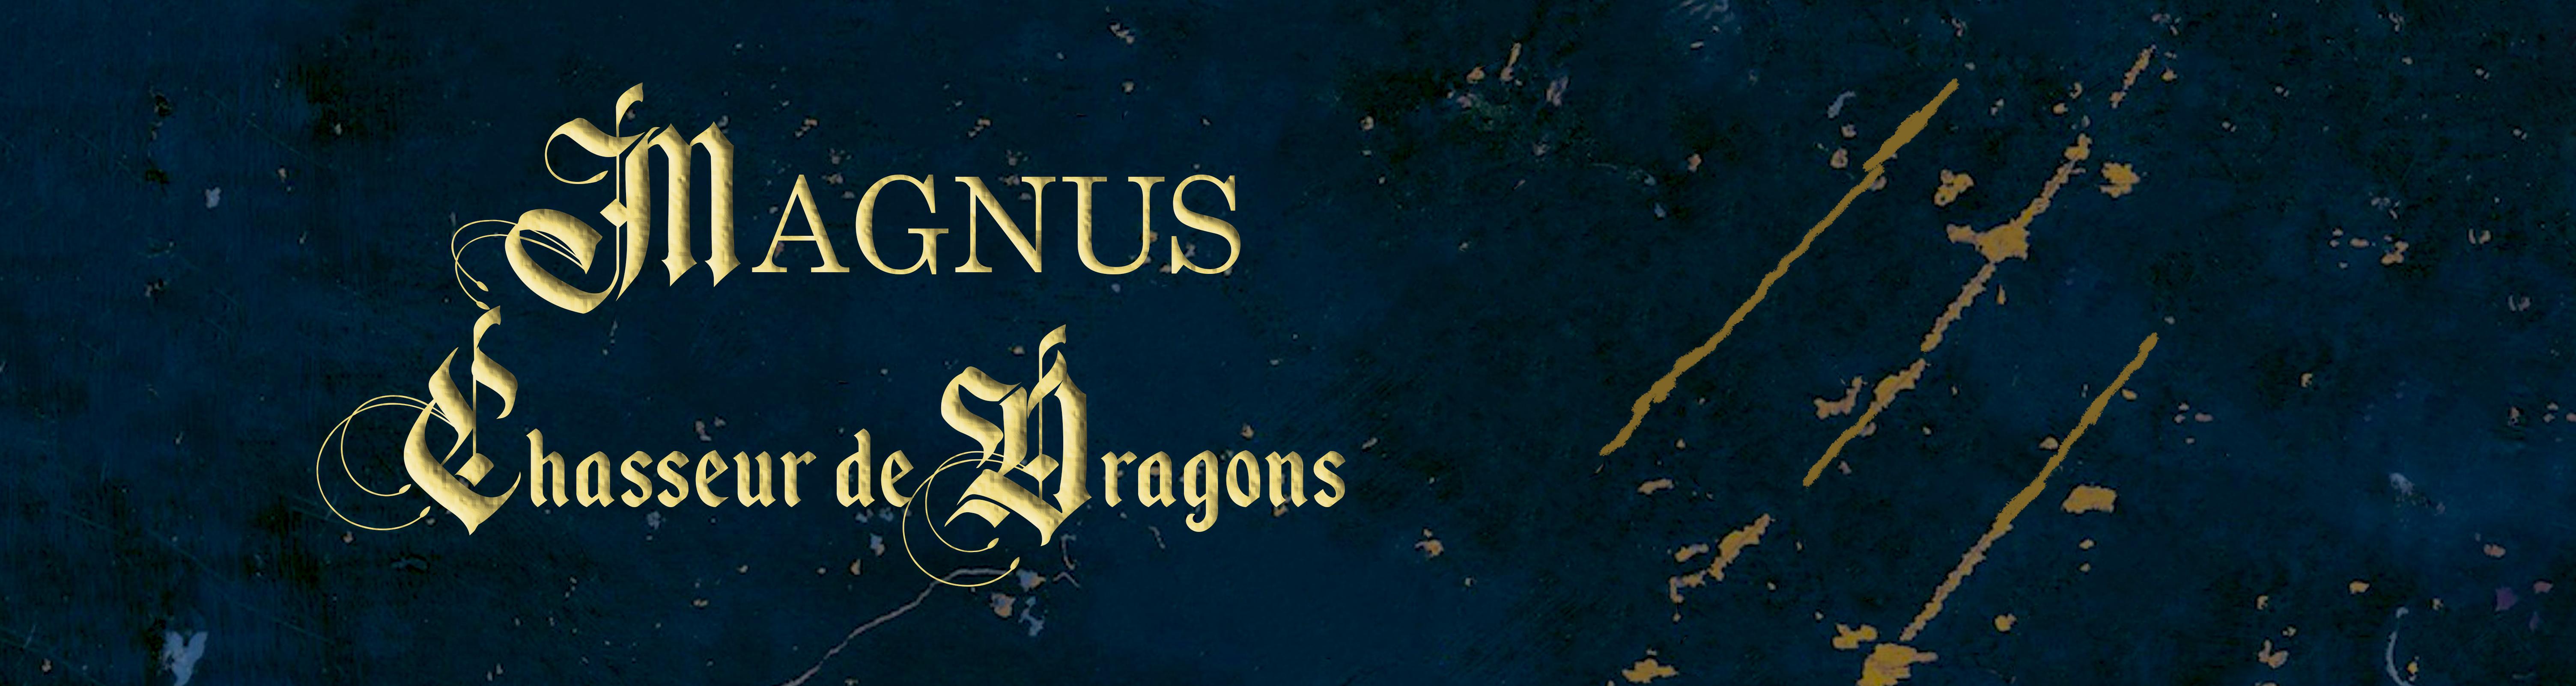 Magnus, Chasseur de Dragons